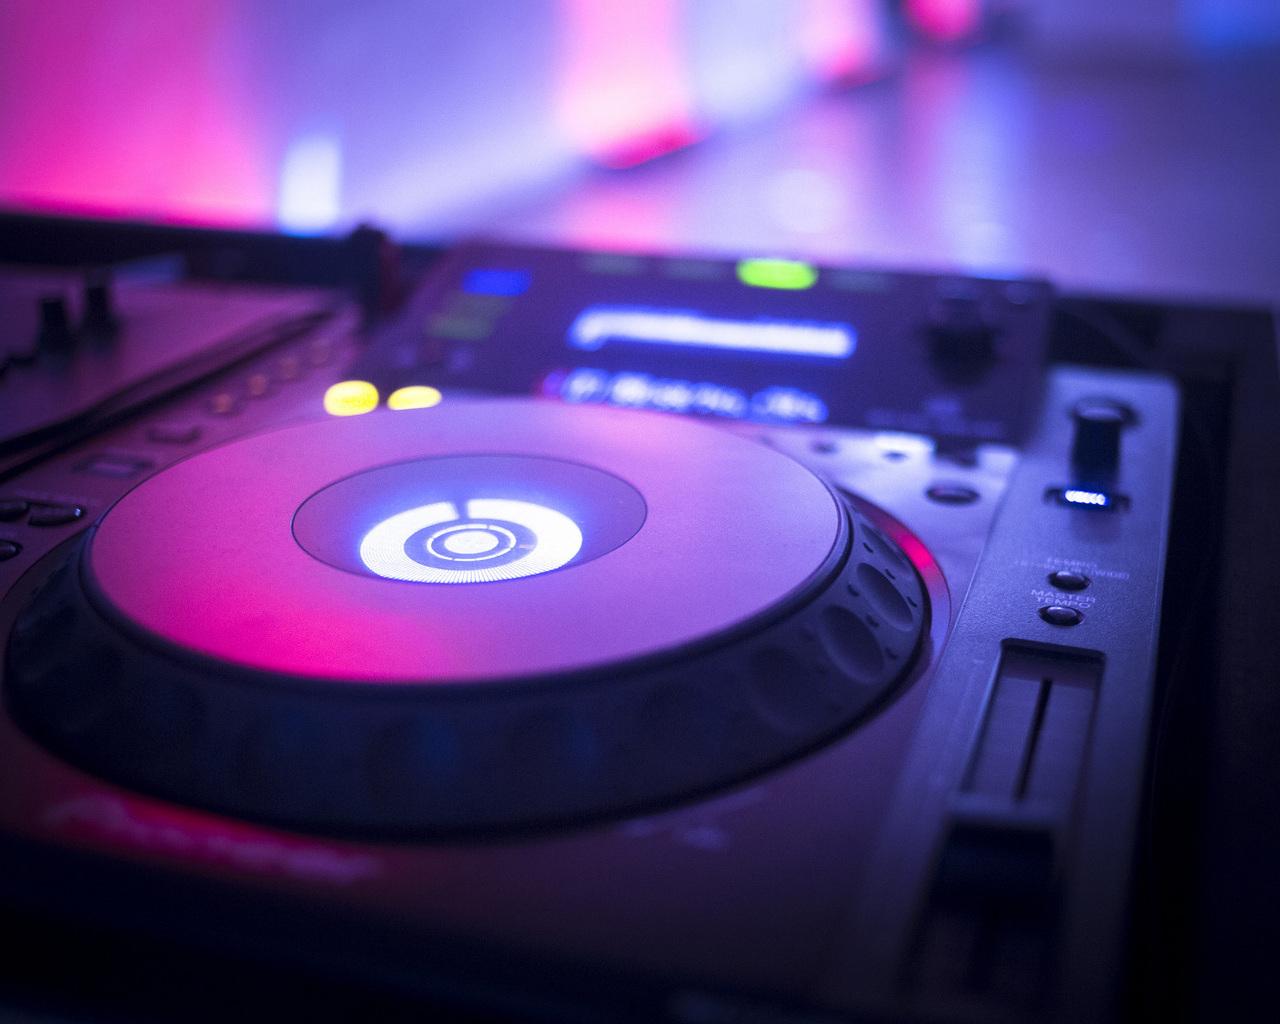 """ΤΙ ΠΕΡΙΛΑΜΒΑΝΕΙ Η ΤΙΜΗ ΕΝΟΣ DJ ΓΑΜΟΥ; - Ενώ ο DJ δεν είναι το πιο ακριβό κομμάτι σε ένα γάμο, η τιμή για ένα καλό επαγγελματία (μαζί με όλες τις παρελκόμενες υπηρεσίες για ένα πετυχημένο πάρτυ) κυμαίνεται από 700 ως 2500 ευρώ. Δείτε τι περιλαμβάνεται στην τιμή και γιατί οι Άγγλοι το αποκαλούν πιο σωστά """"mobile disco""""."""